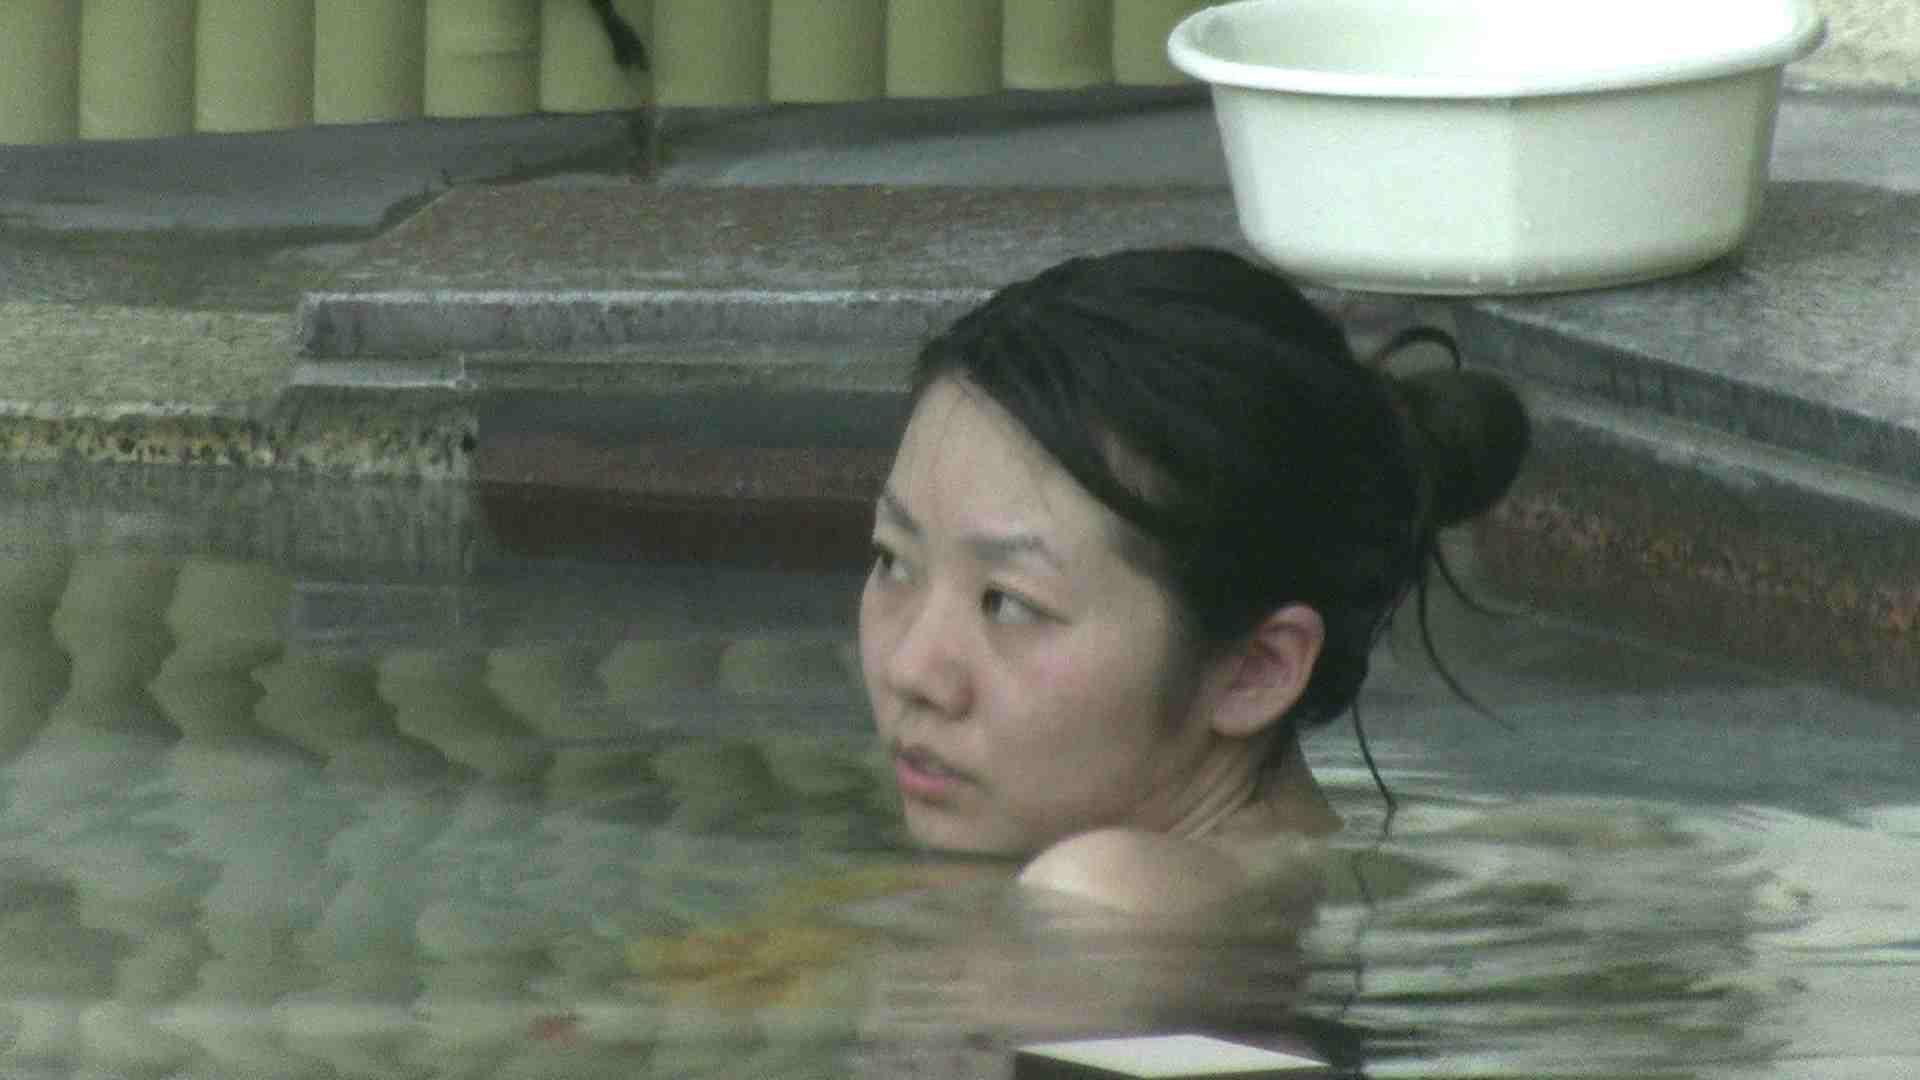 Aquaな露天風呂Vol.194 OLのエロ生活 | 盗撮  112連発 94